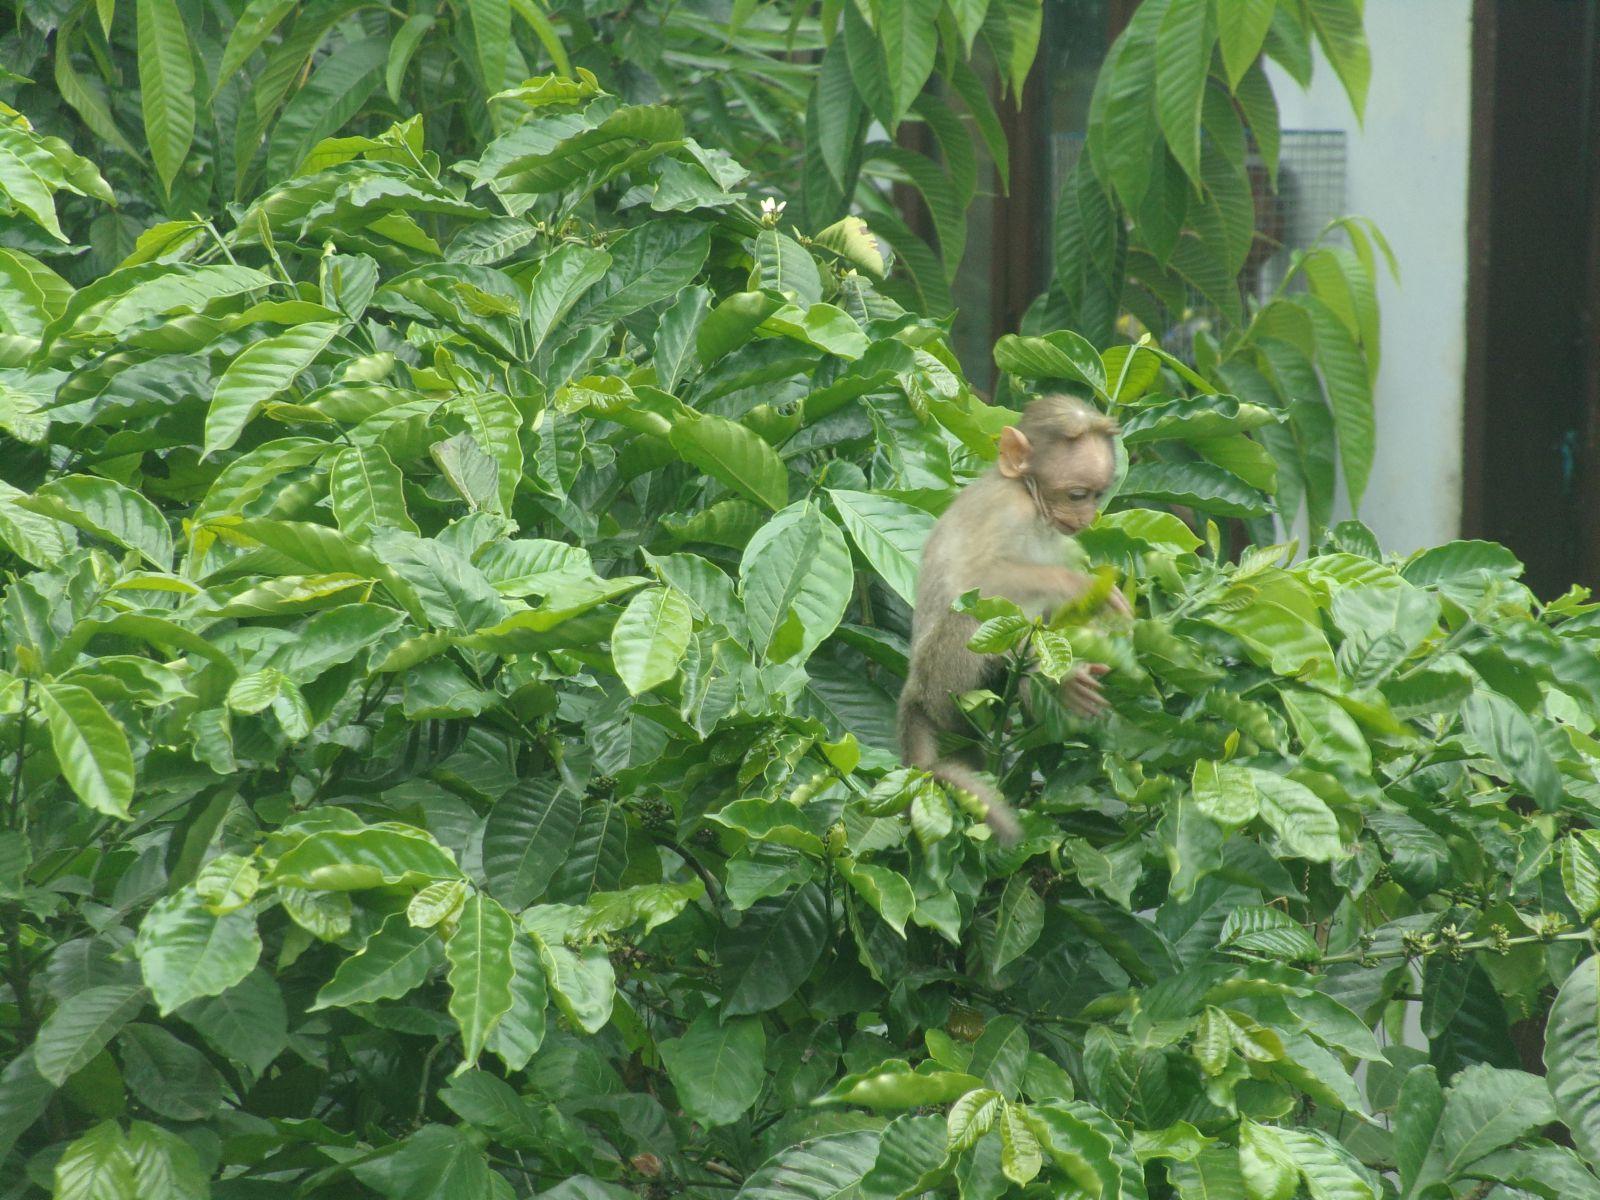 petit singe kerala Inde kumily vie nomade